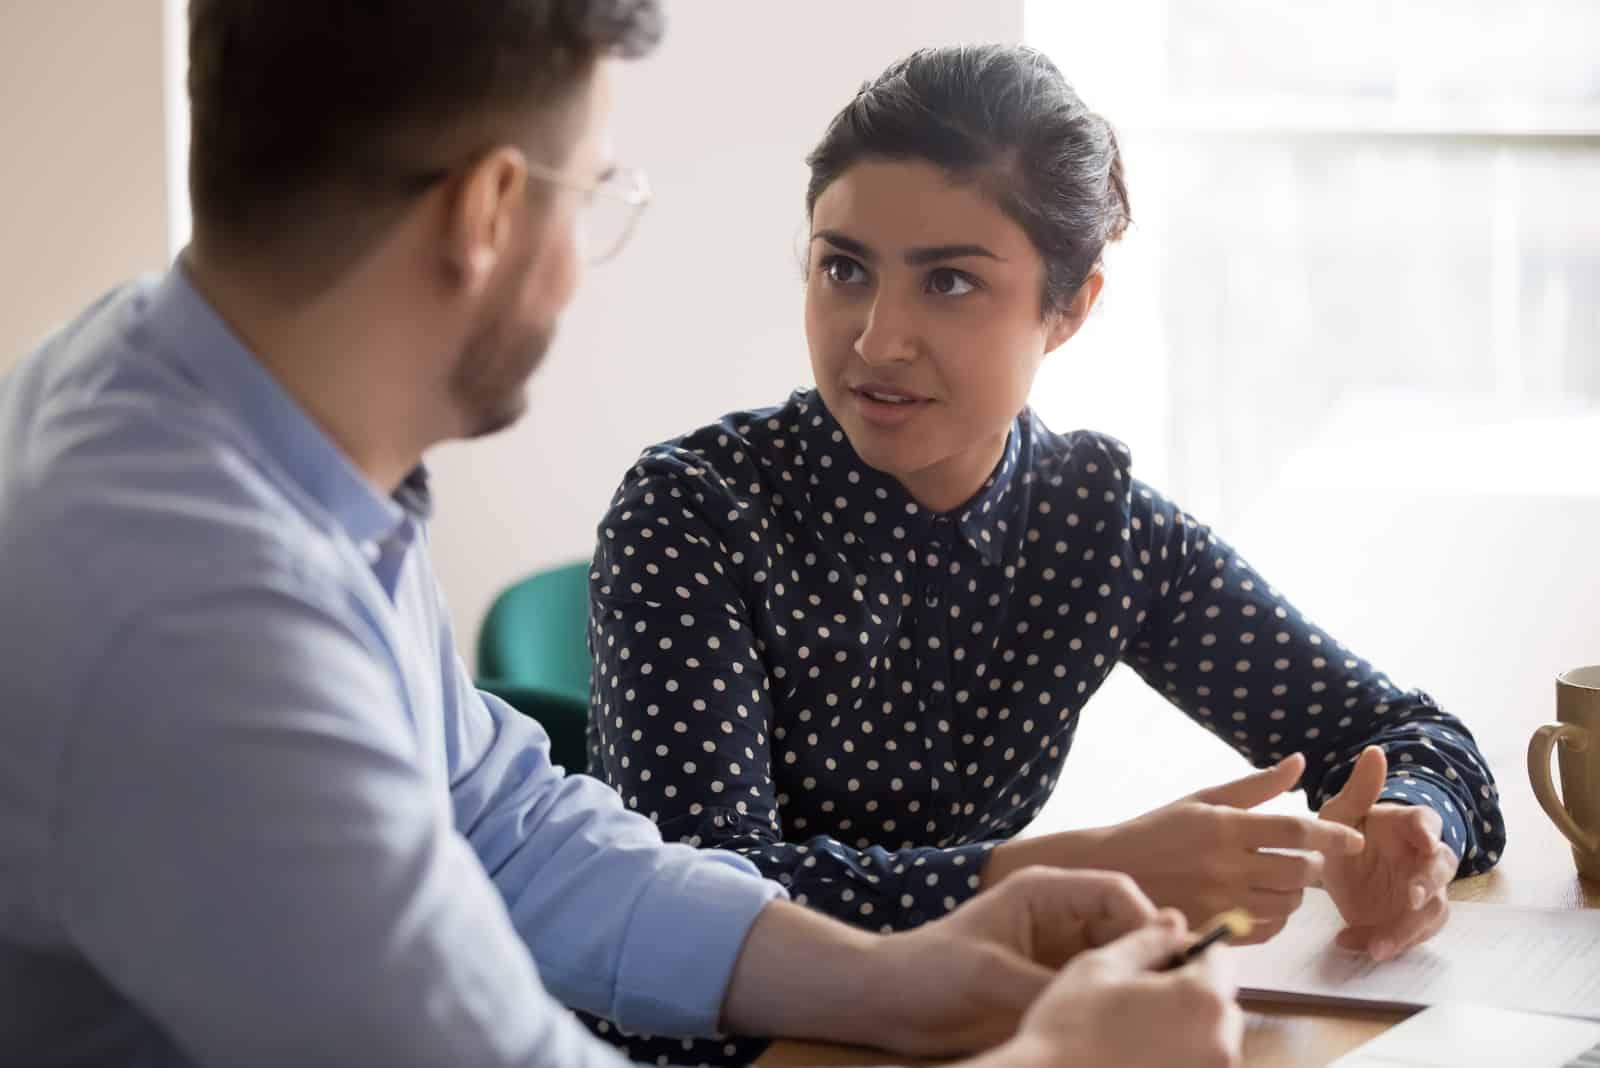 un homme et une femme se disputent à table